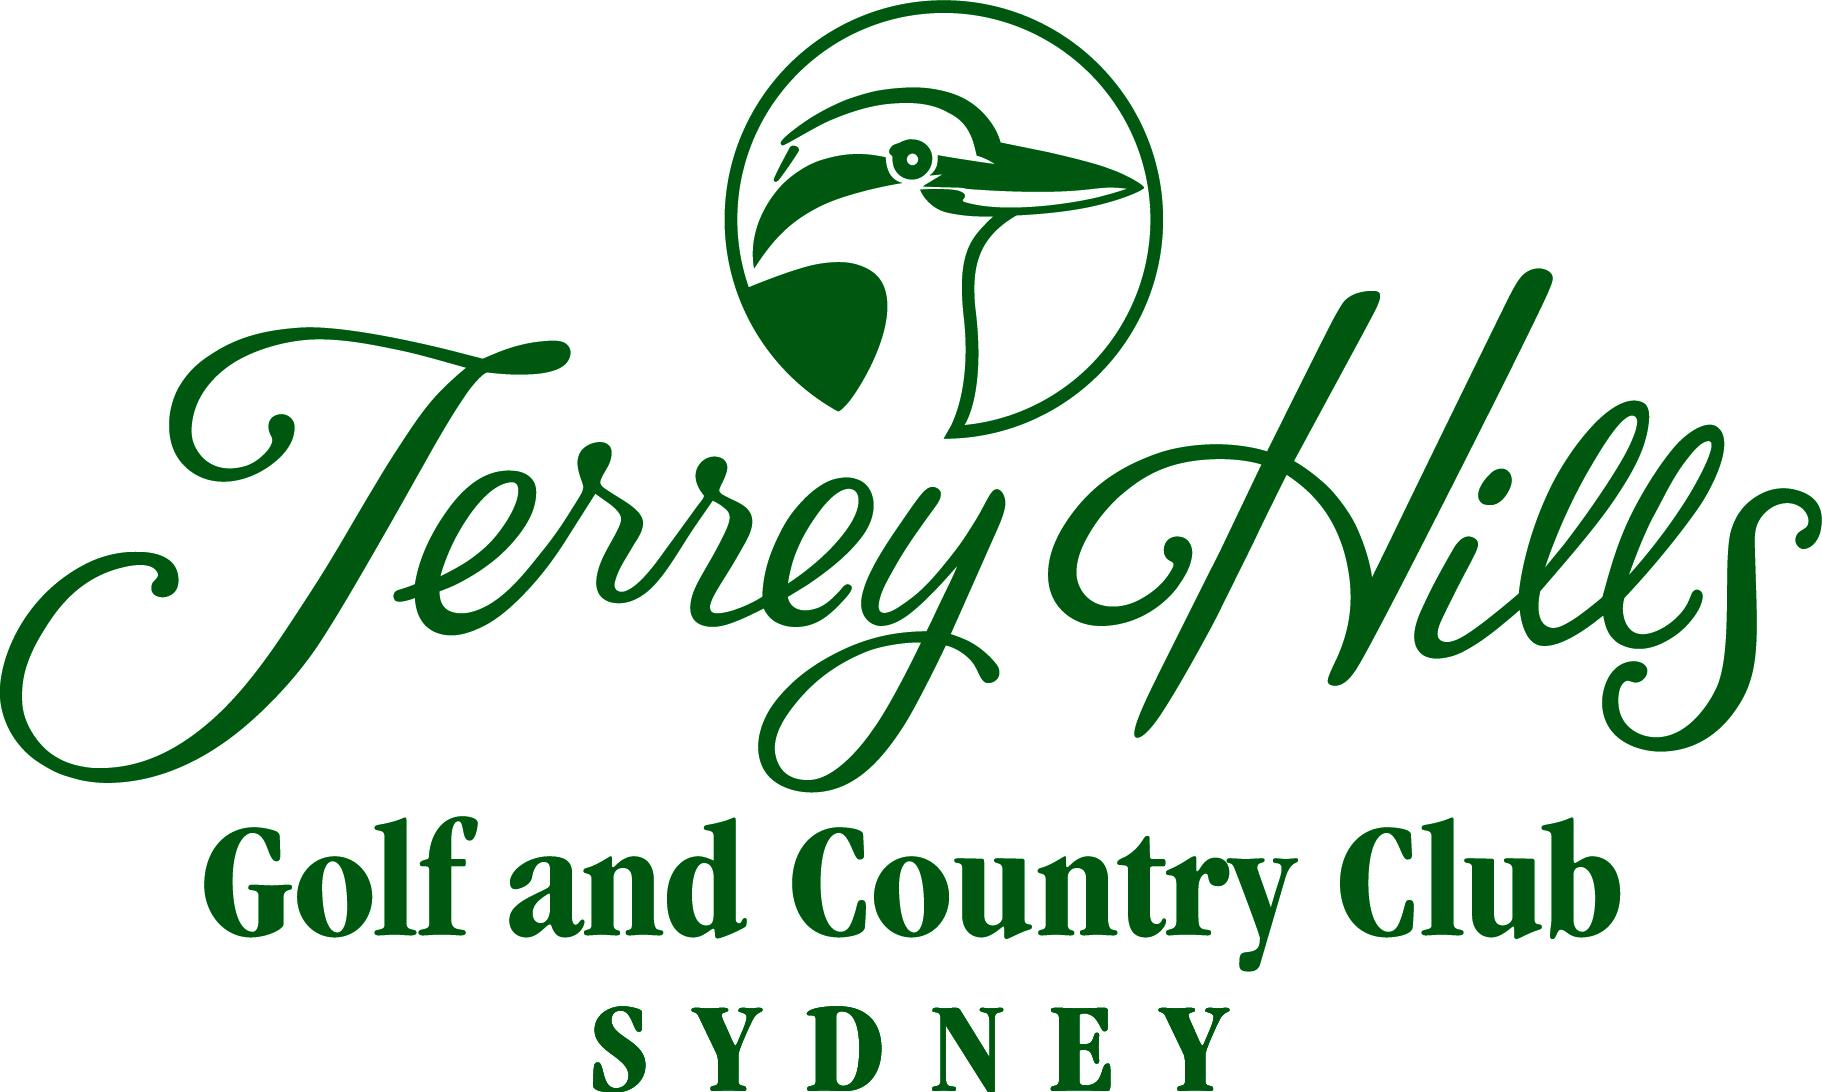 terrey-hills-golf-club